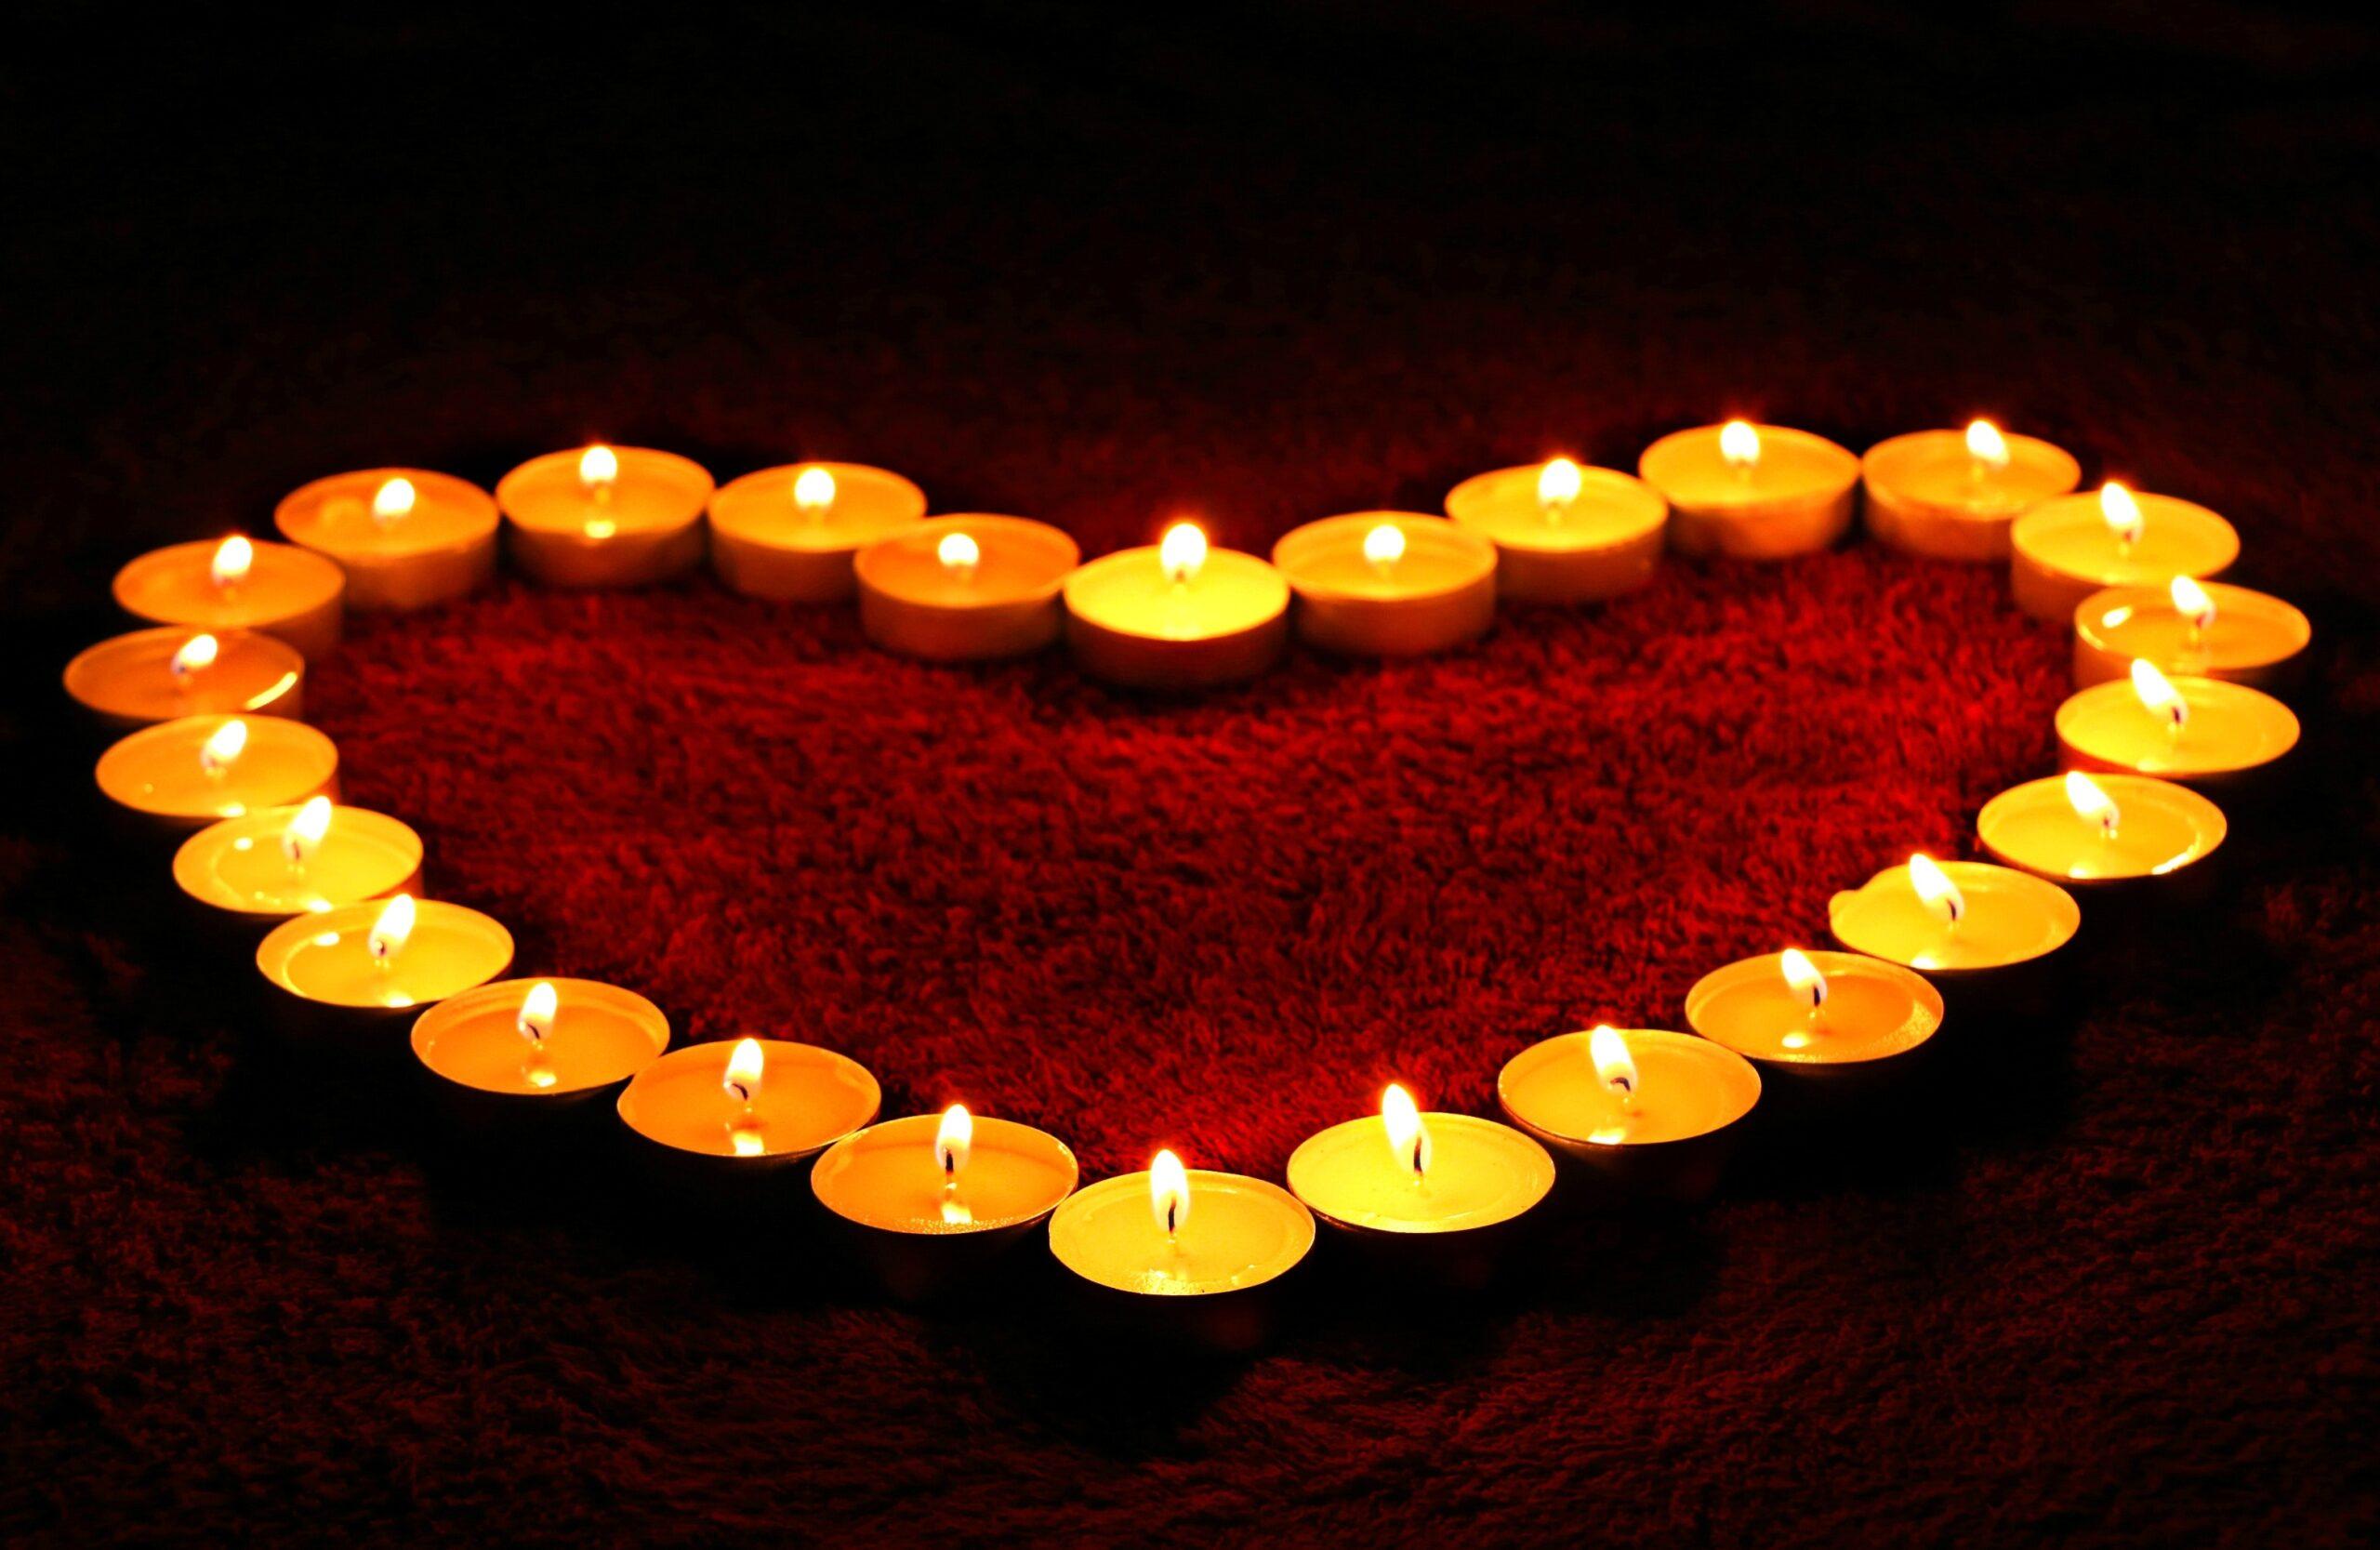 Solidarity Vigil for India